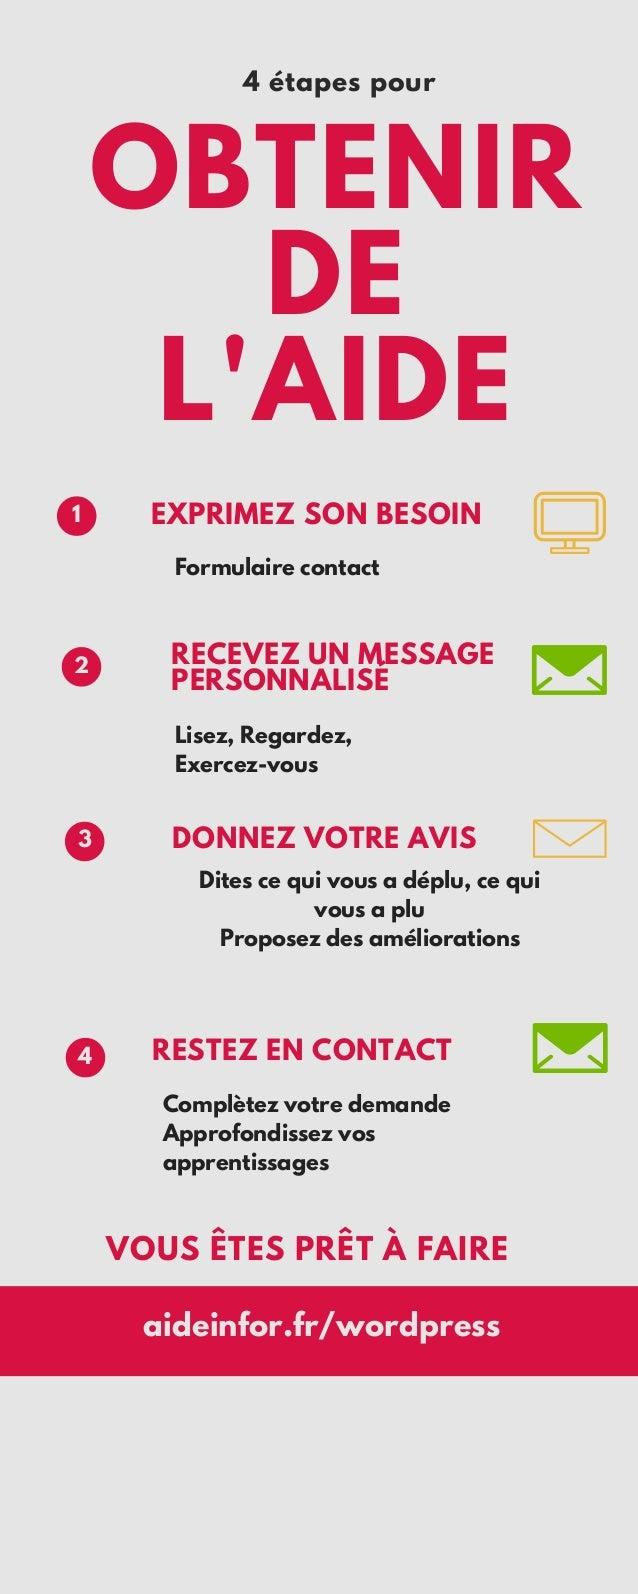 4 étapes pour Formulaire contact OBTENIR DE L'AIDE EXPRIMEZ SON BESOIN1 Lisez, Regardez, Exercez-vous RECEVEZ UN MESSAGE P...